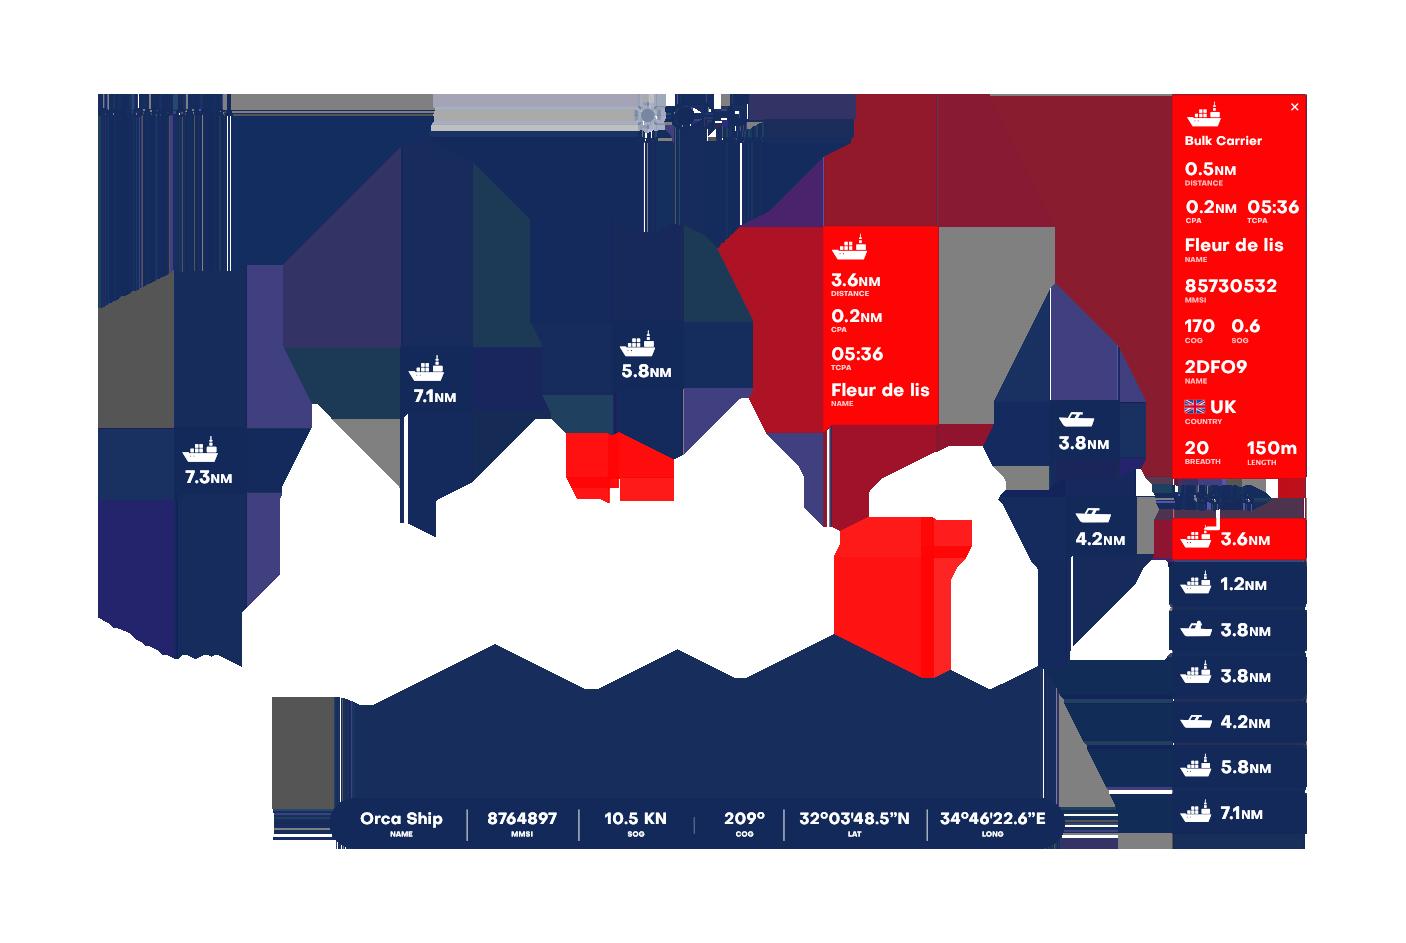 Orca-AI demo navigation system